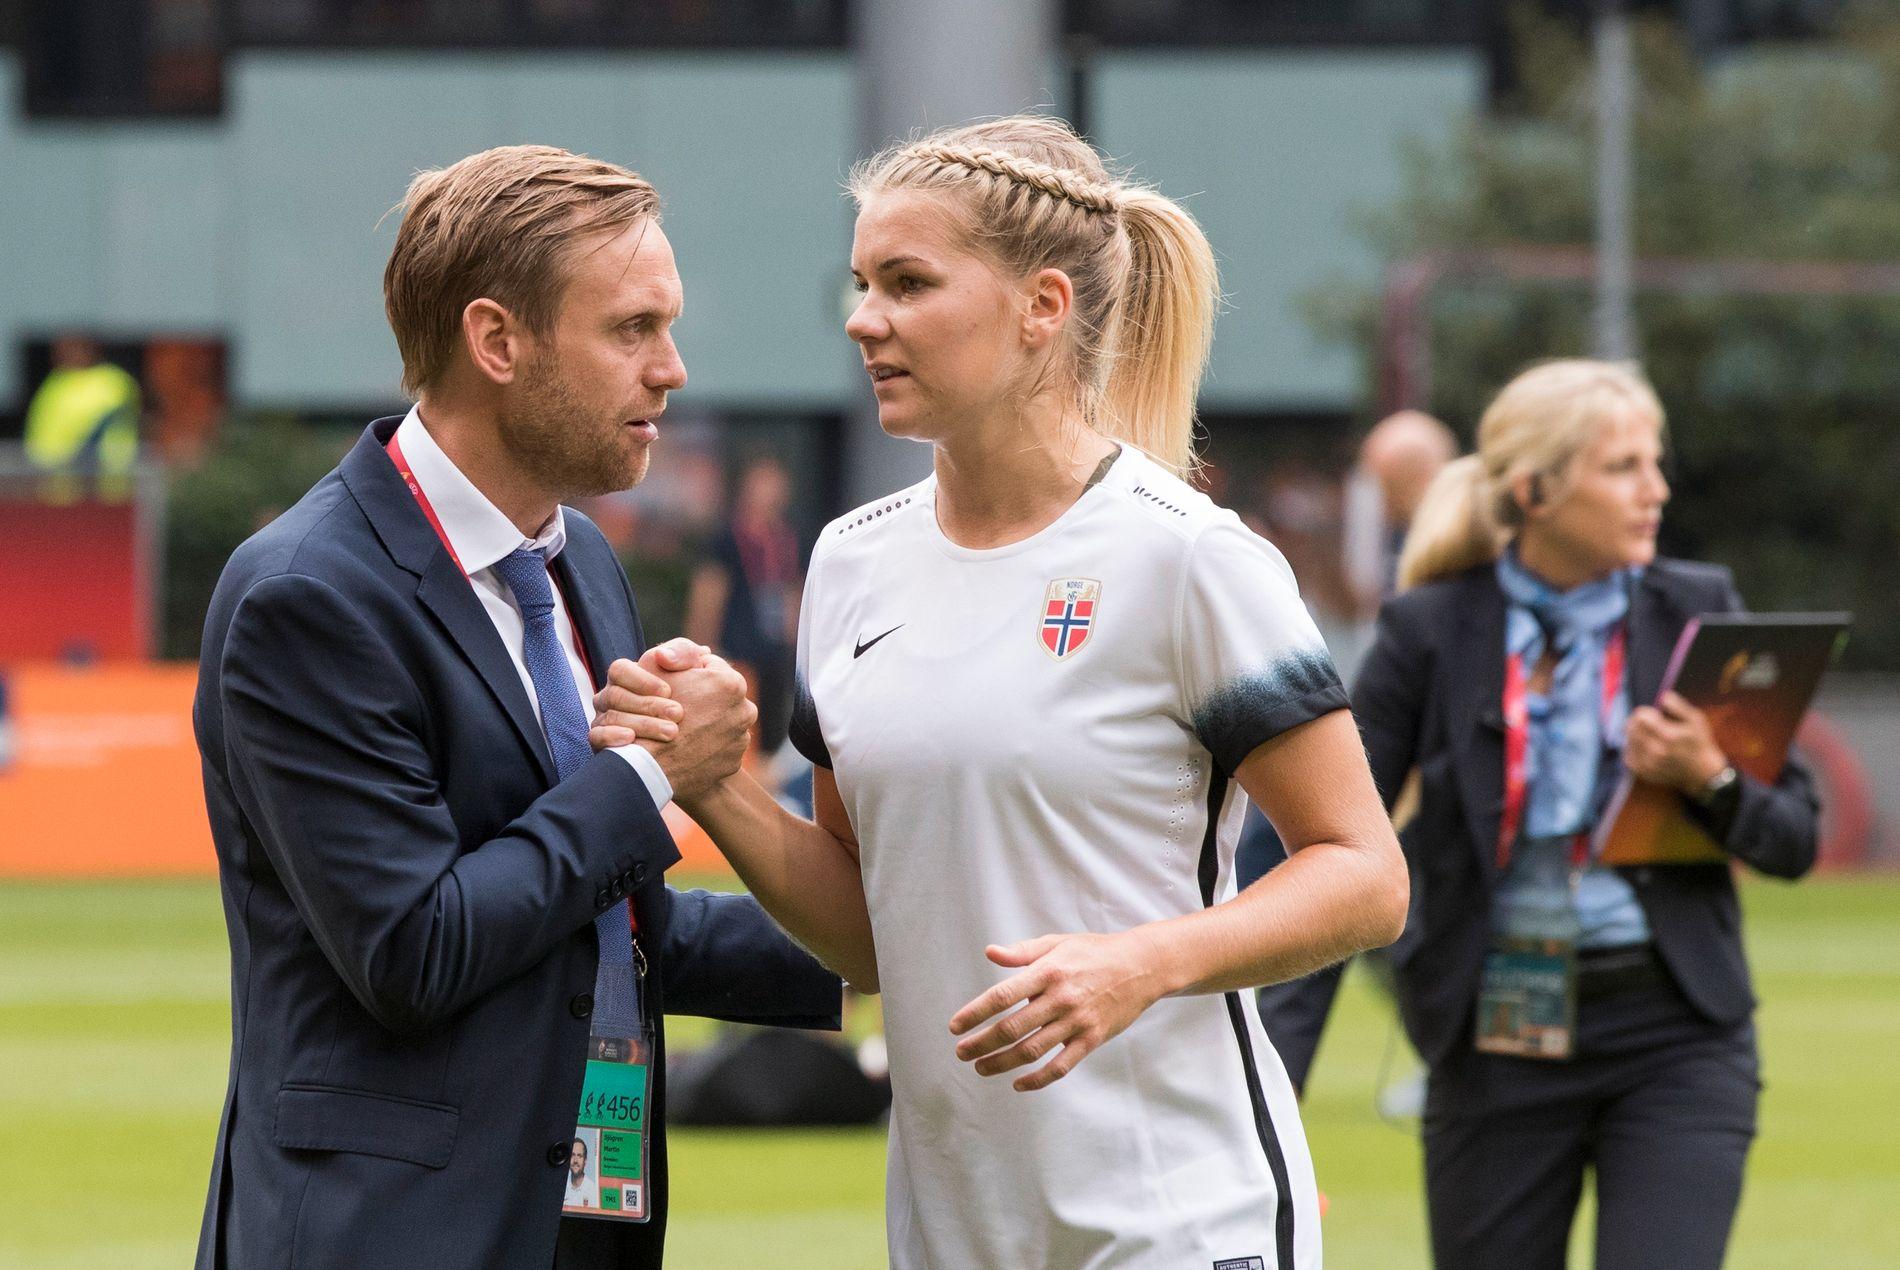 DÅRLIG DEBUT: Martin Sjögrens første mesterskapskamp med Norge gikk ikke som planlagt. Her med Ada Hegerberg.